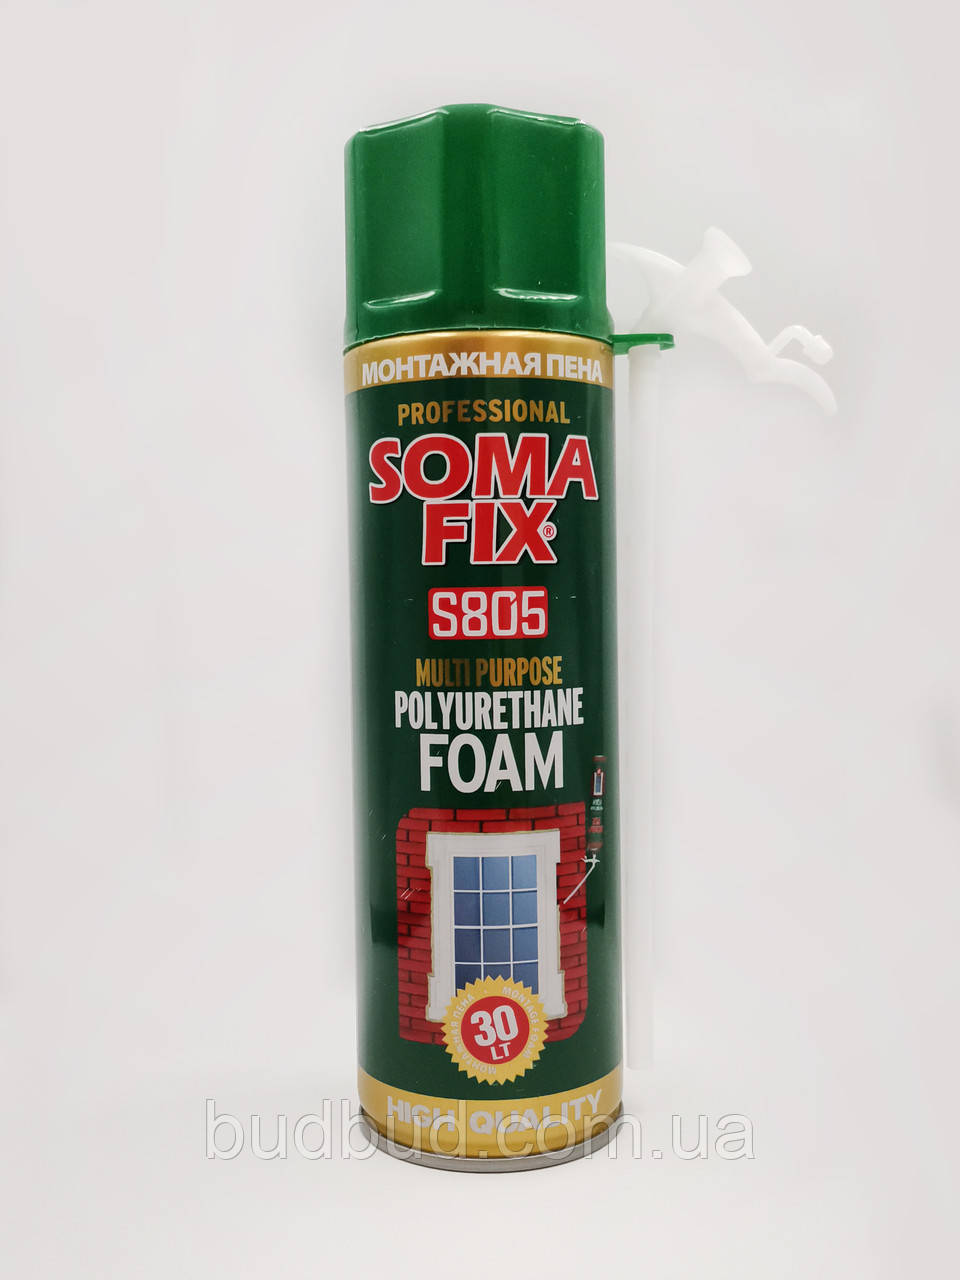 Пена монтажная SOMA FIX ручная 500 мл s805